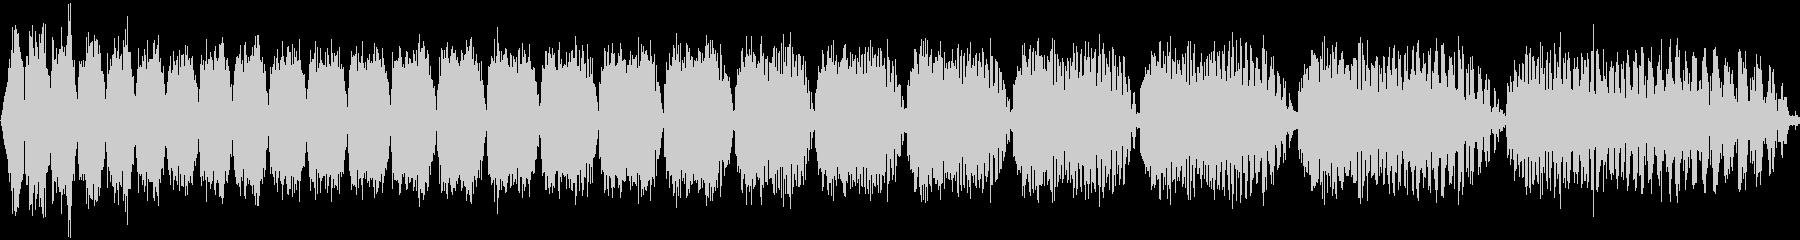 電動スワイプ6の未再生の波形